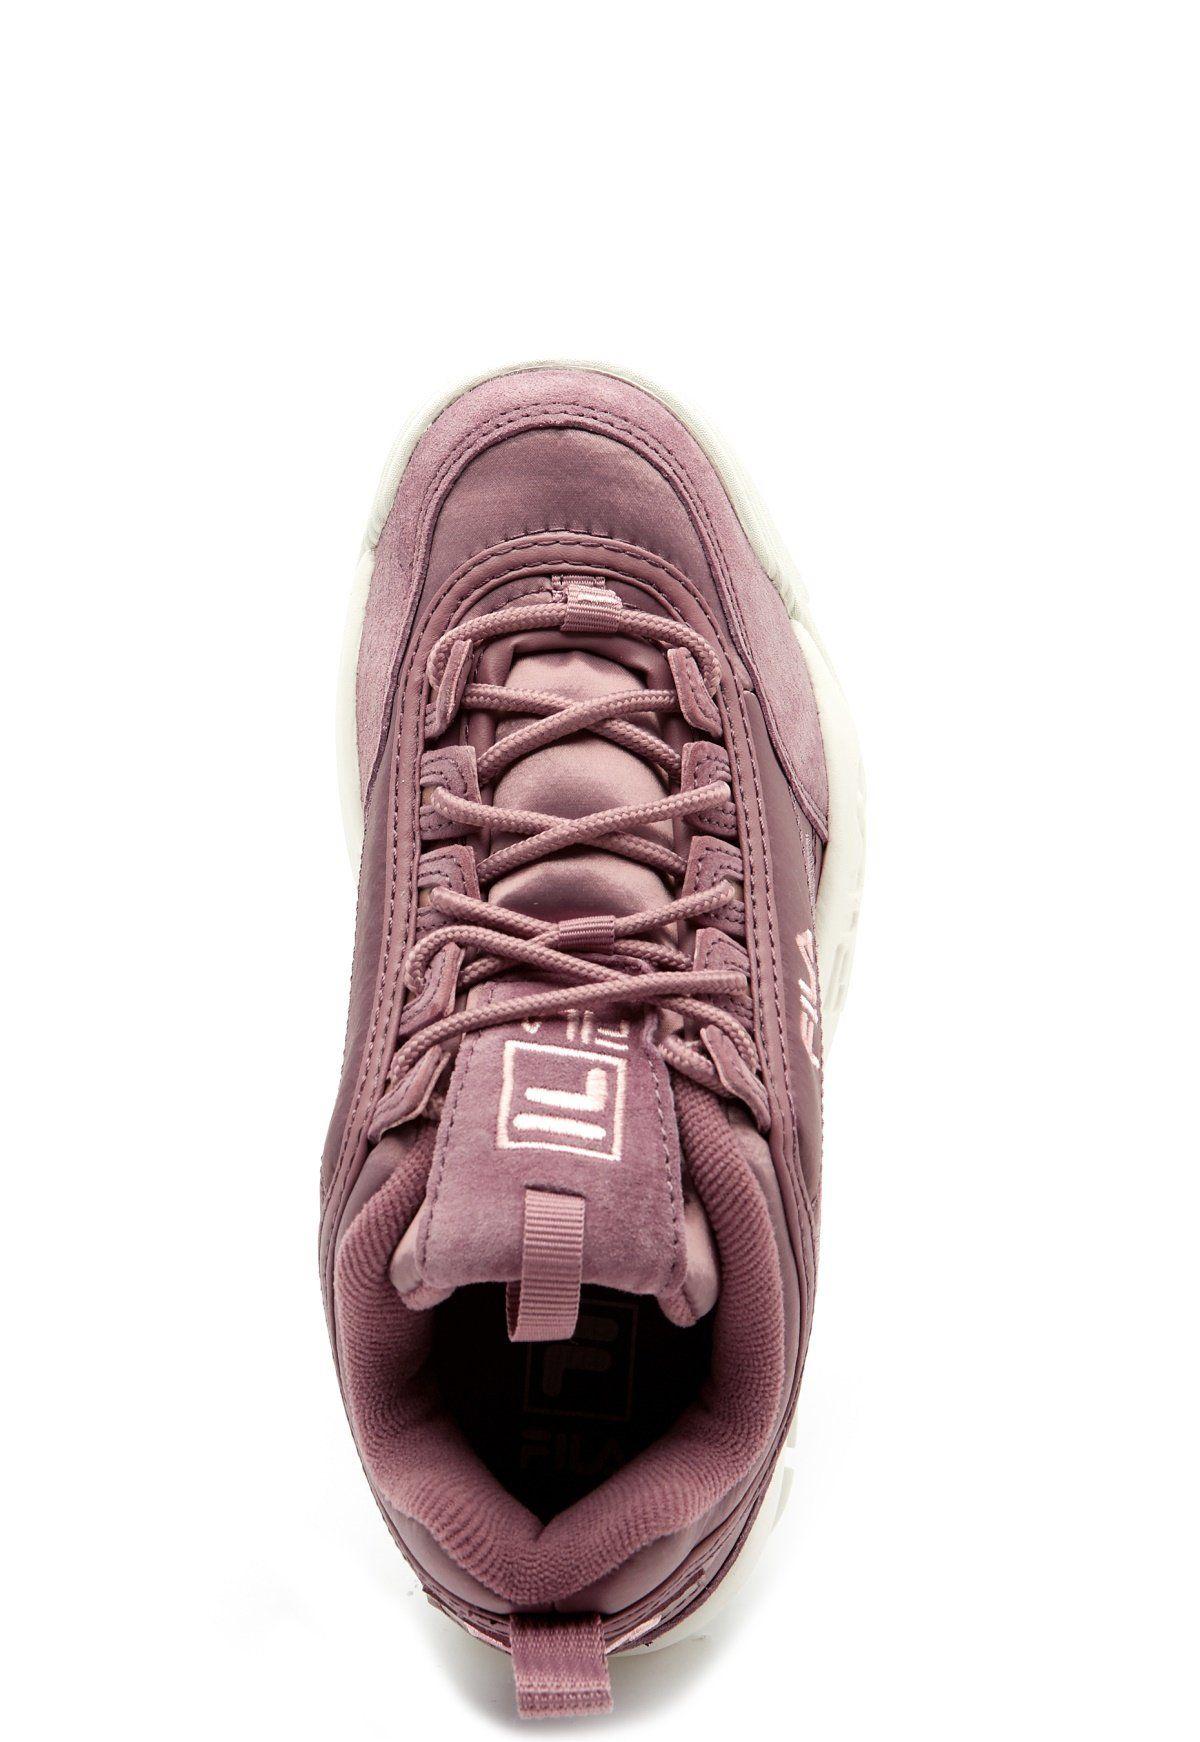 najlepszy dostawca Najnowsza moda 100% najwyższej jakości FILA Disruptor Satin Low Boots Ash Rose - Bubbleroom ...